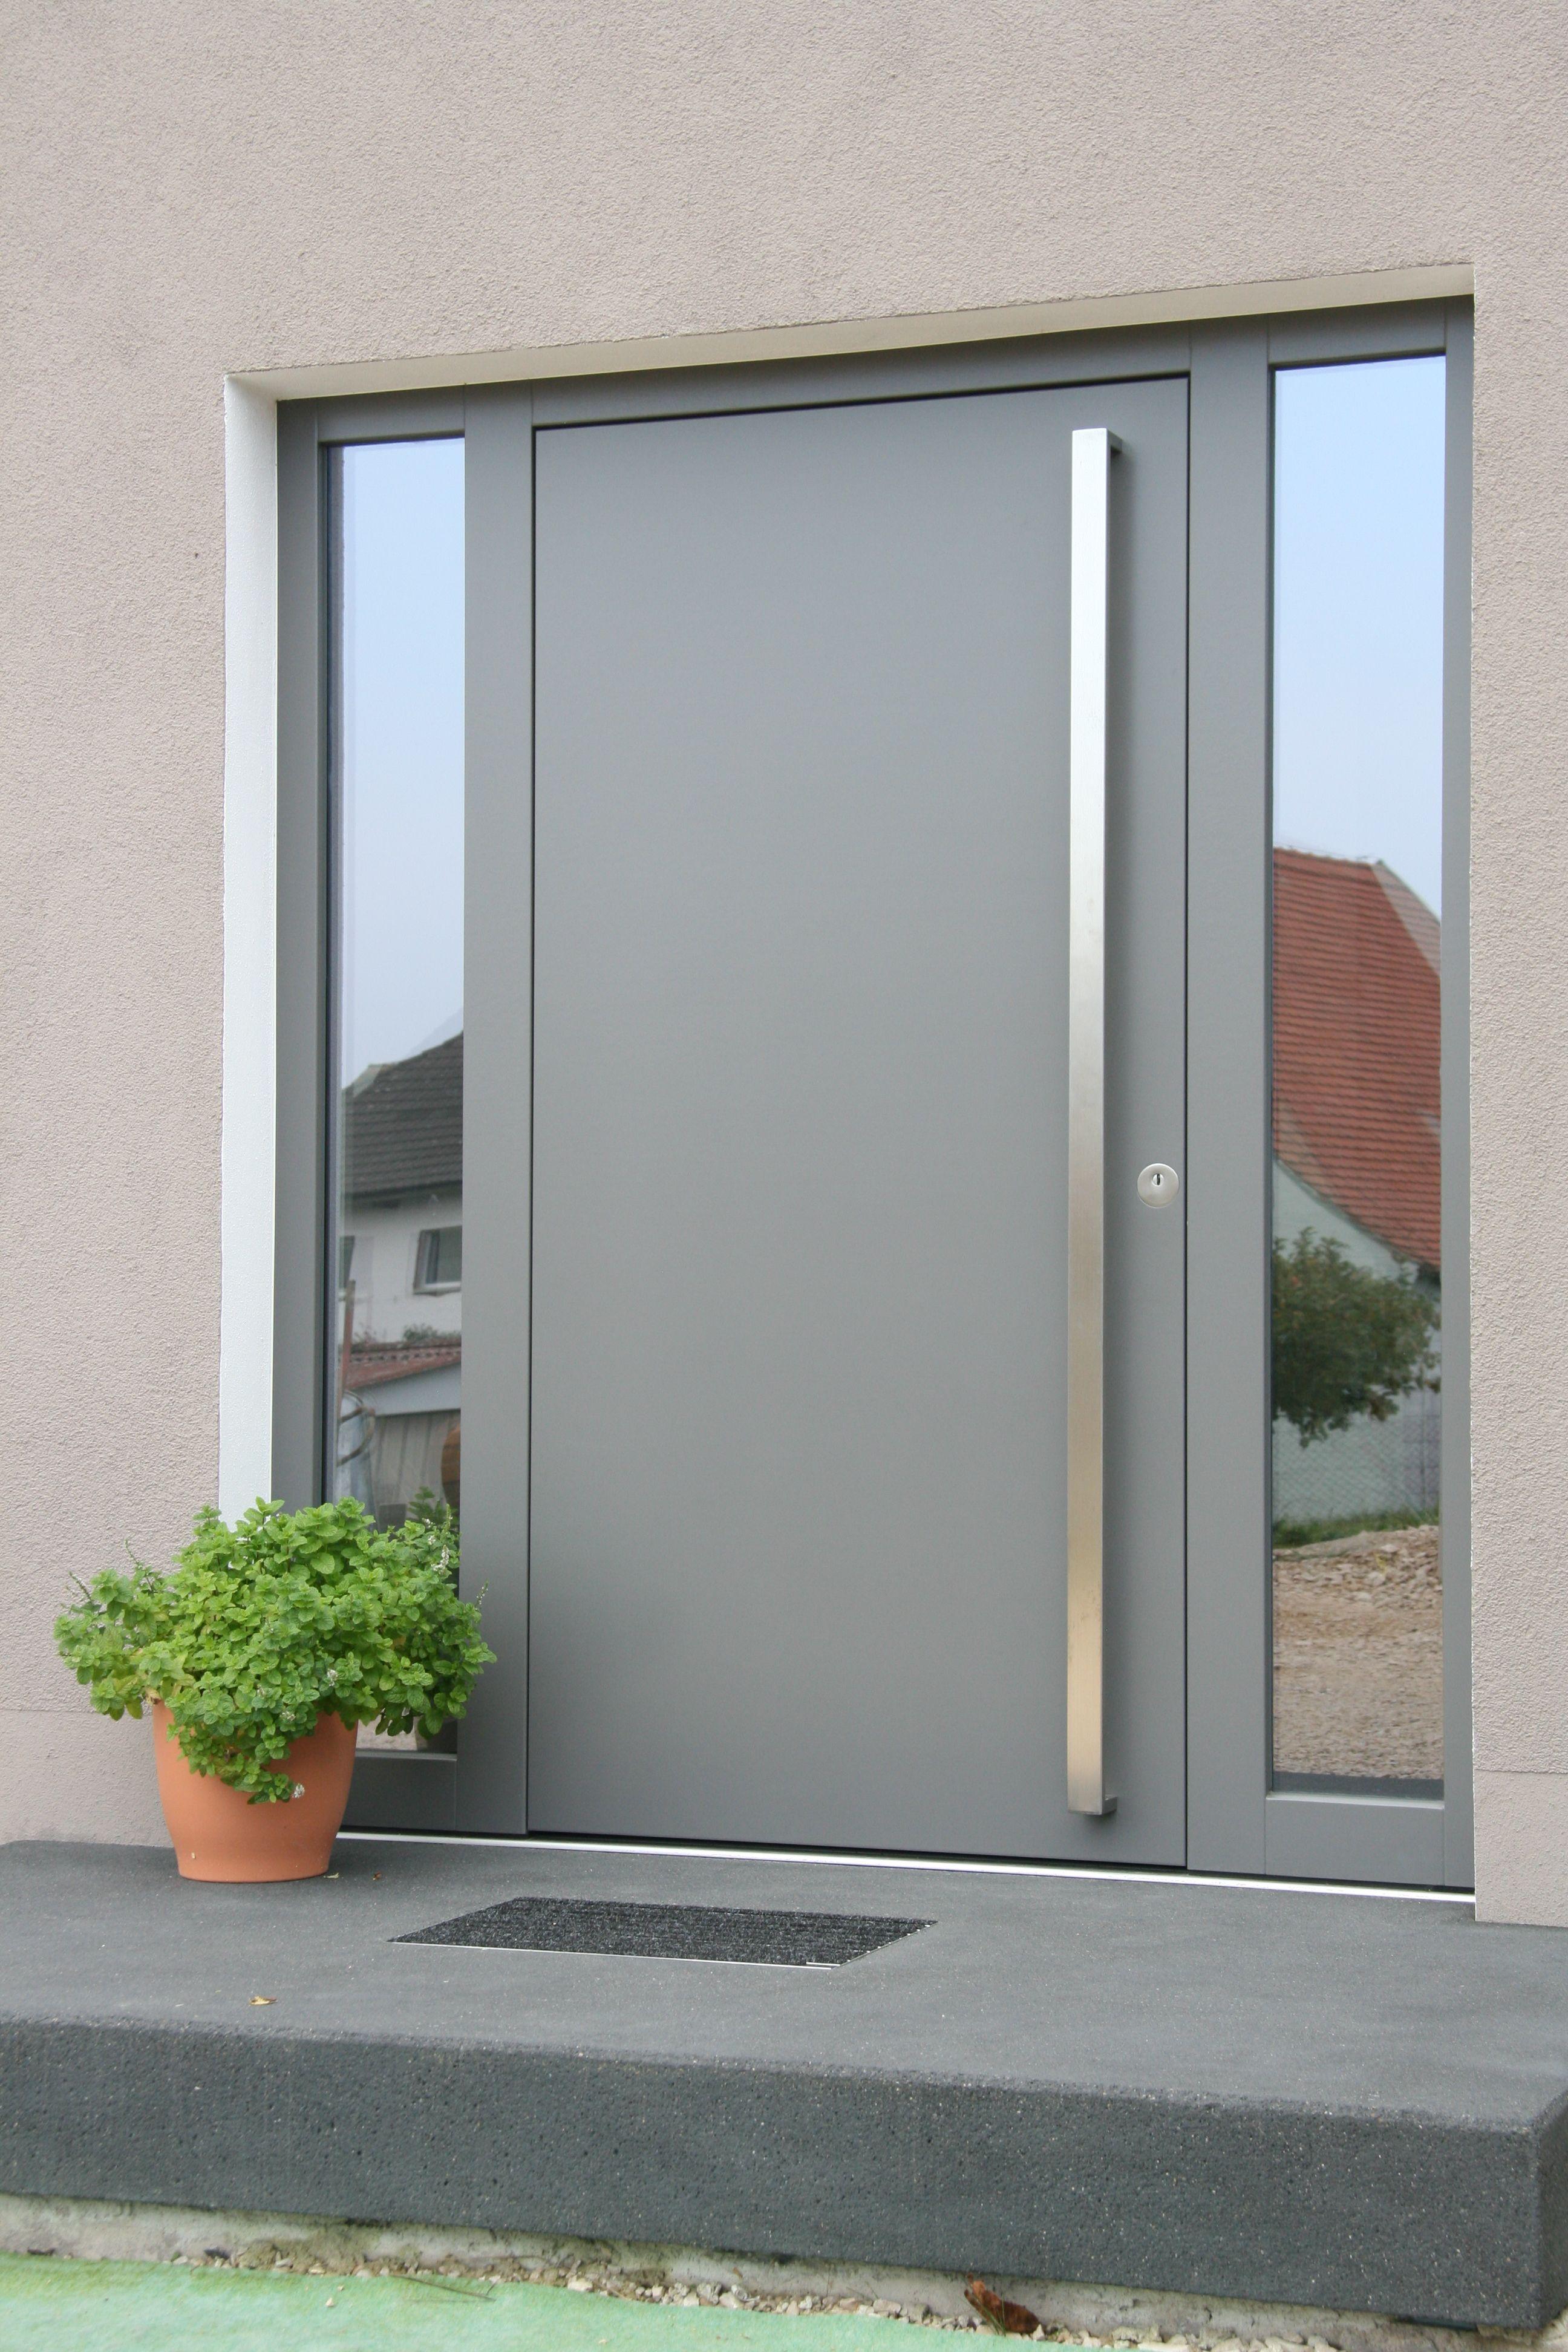 moderne Haustür mit seitlichen Glasfenstern